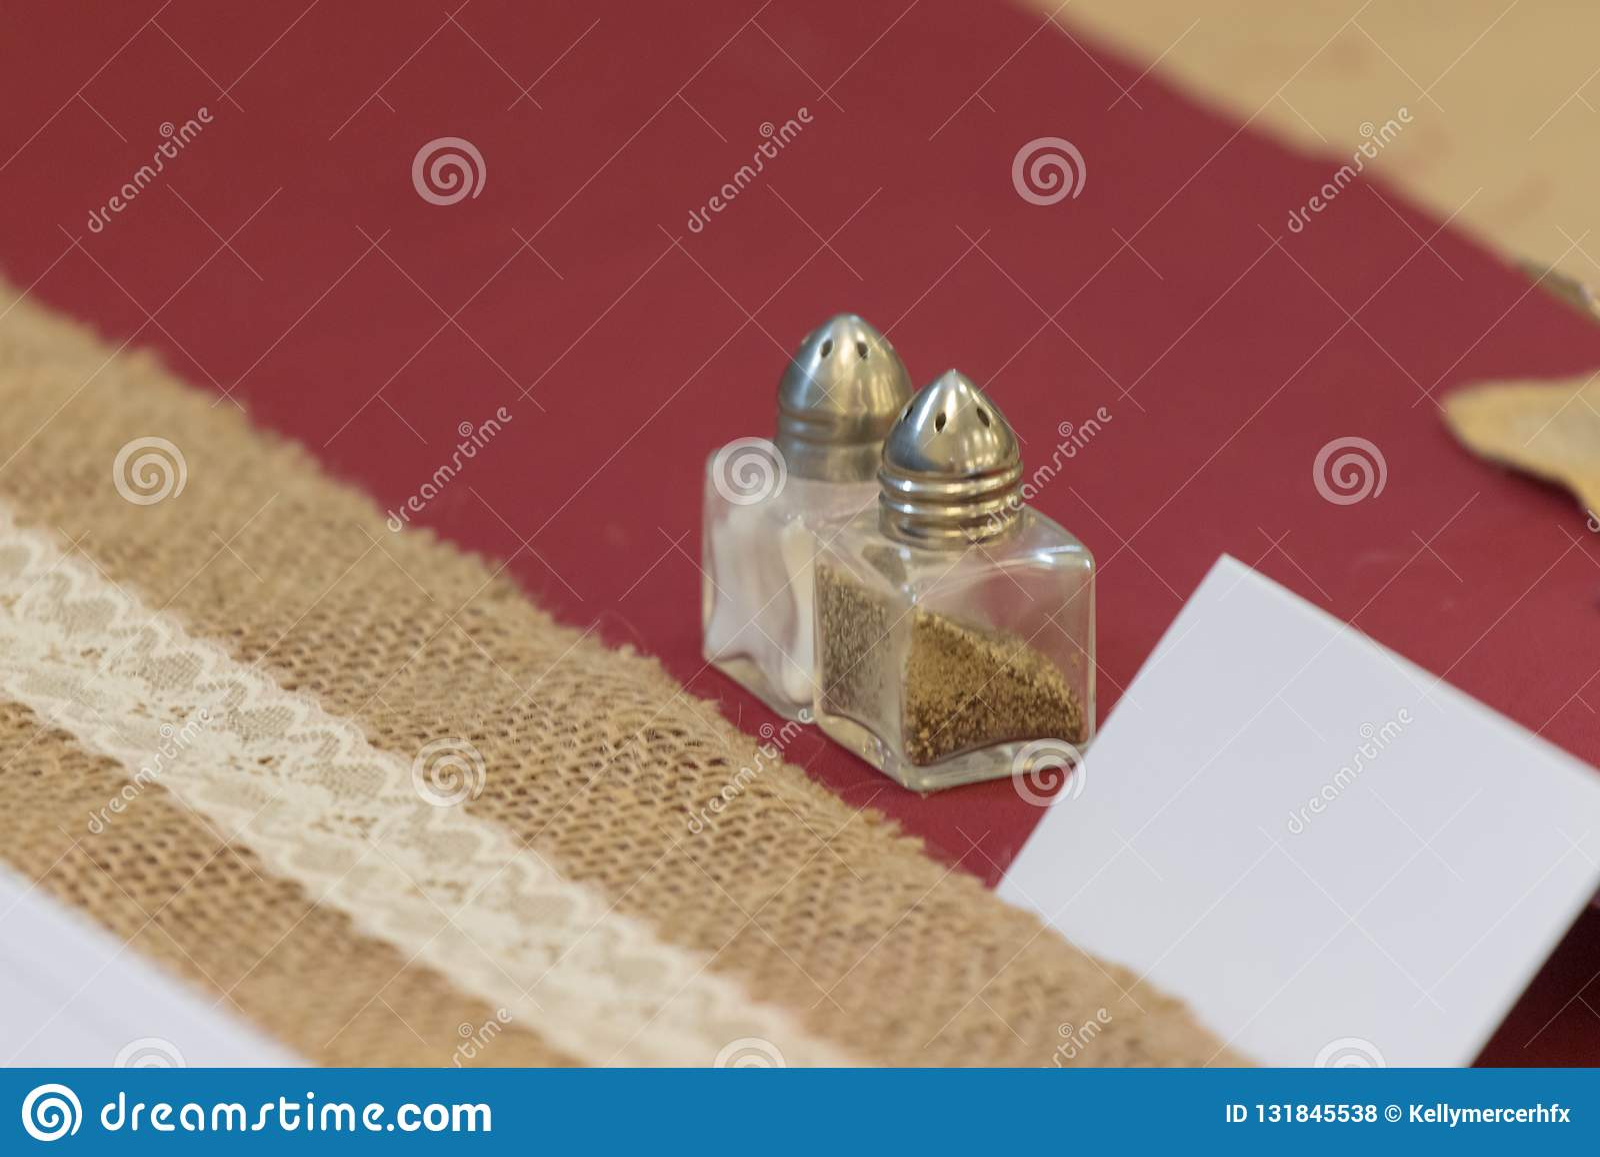 Tabella di nozze che mette sale e pepe Shaker With Place Card